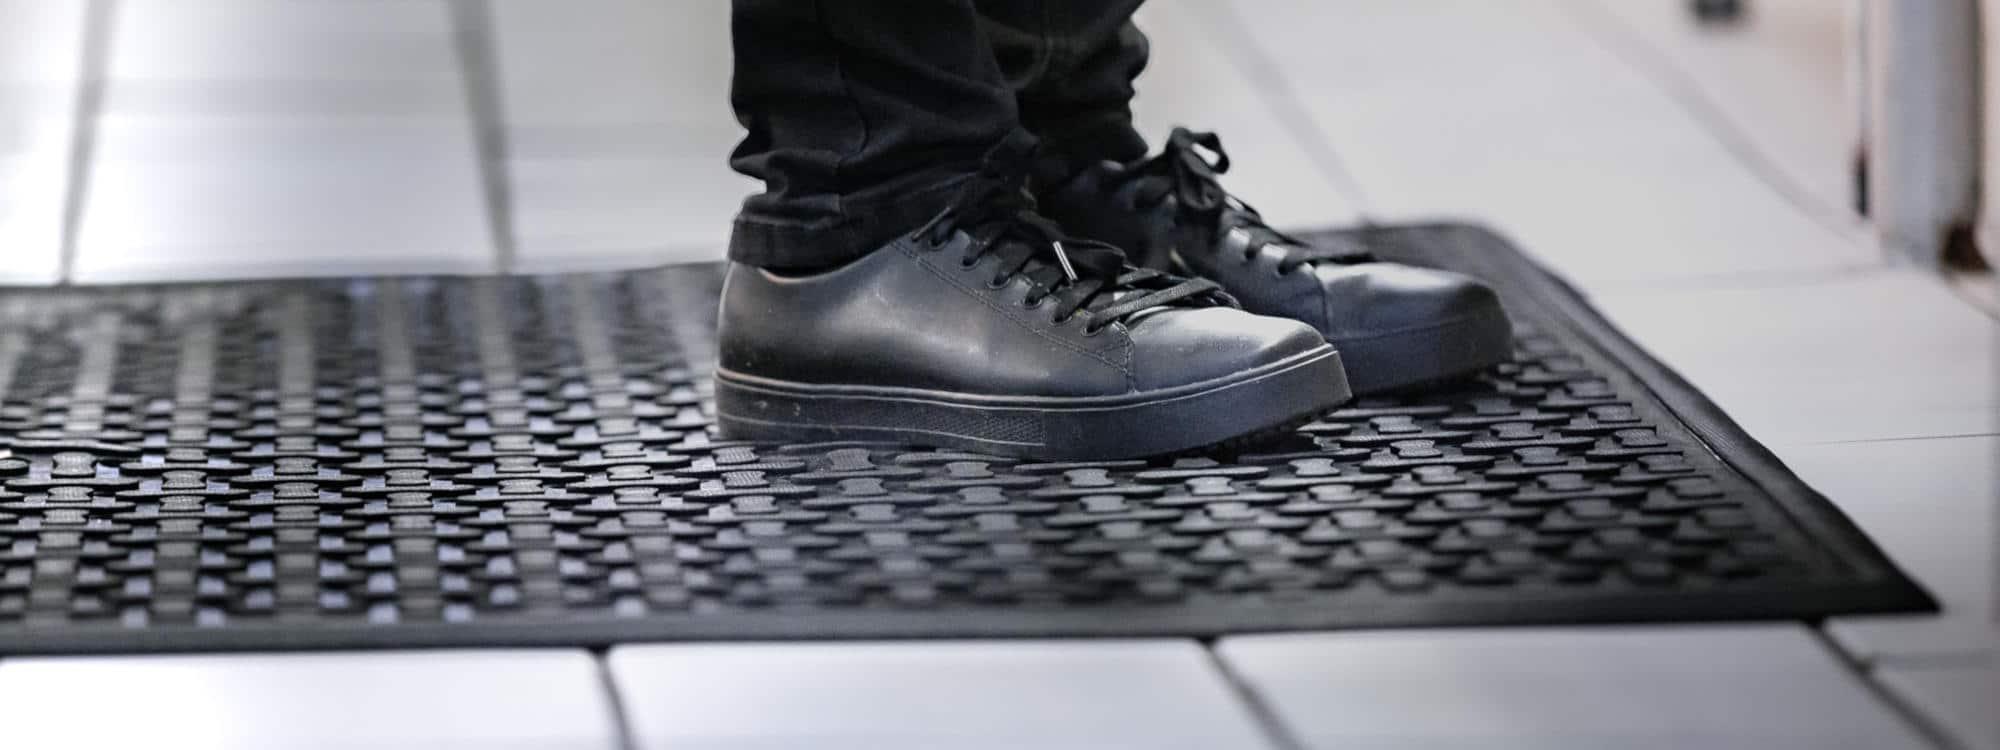 Nærbilde av sko som står på en avlastningsmatte